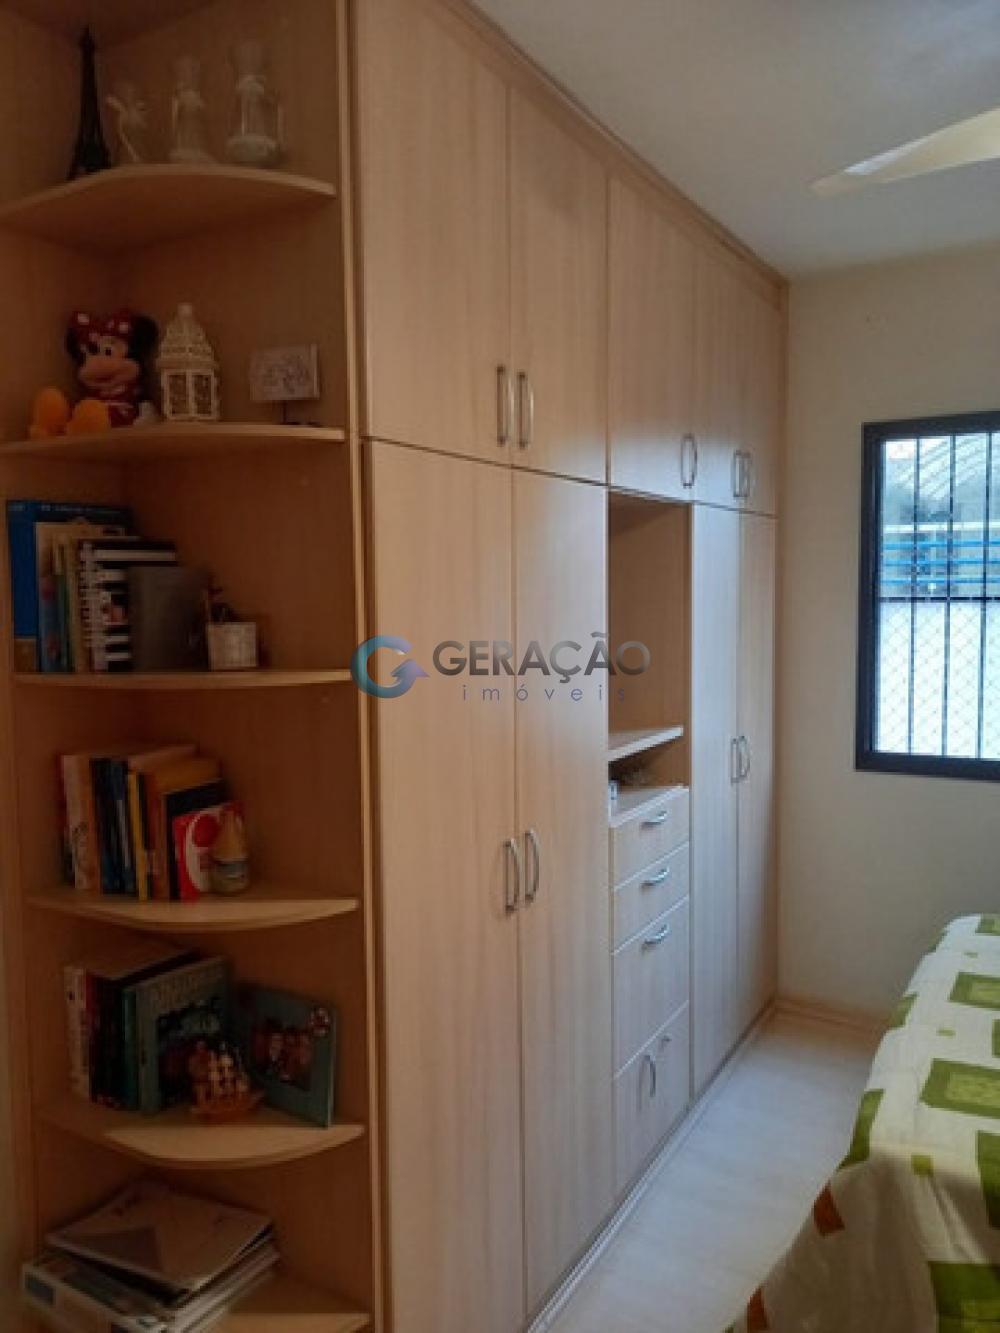 Comprar Apartamento / Padrão em São José dos Campos apenas R$ 445.000,00 - Foto 10